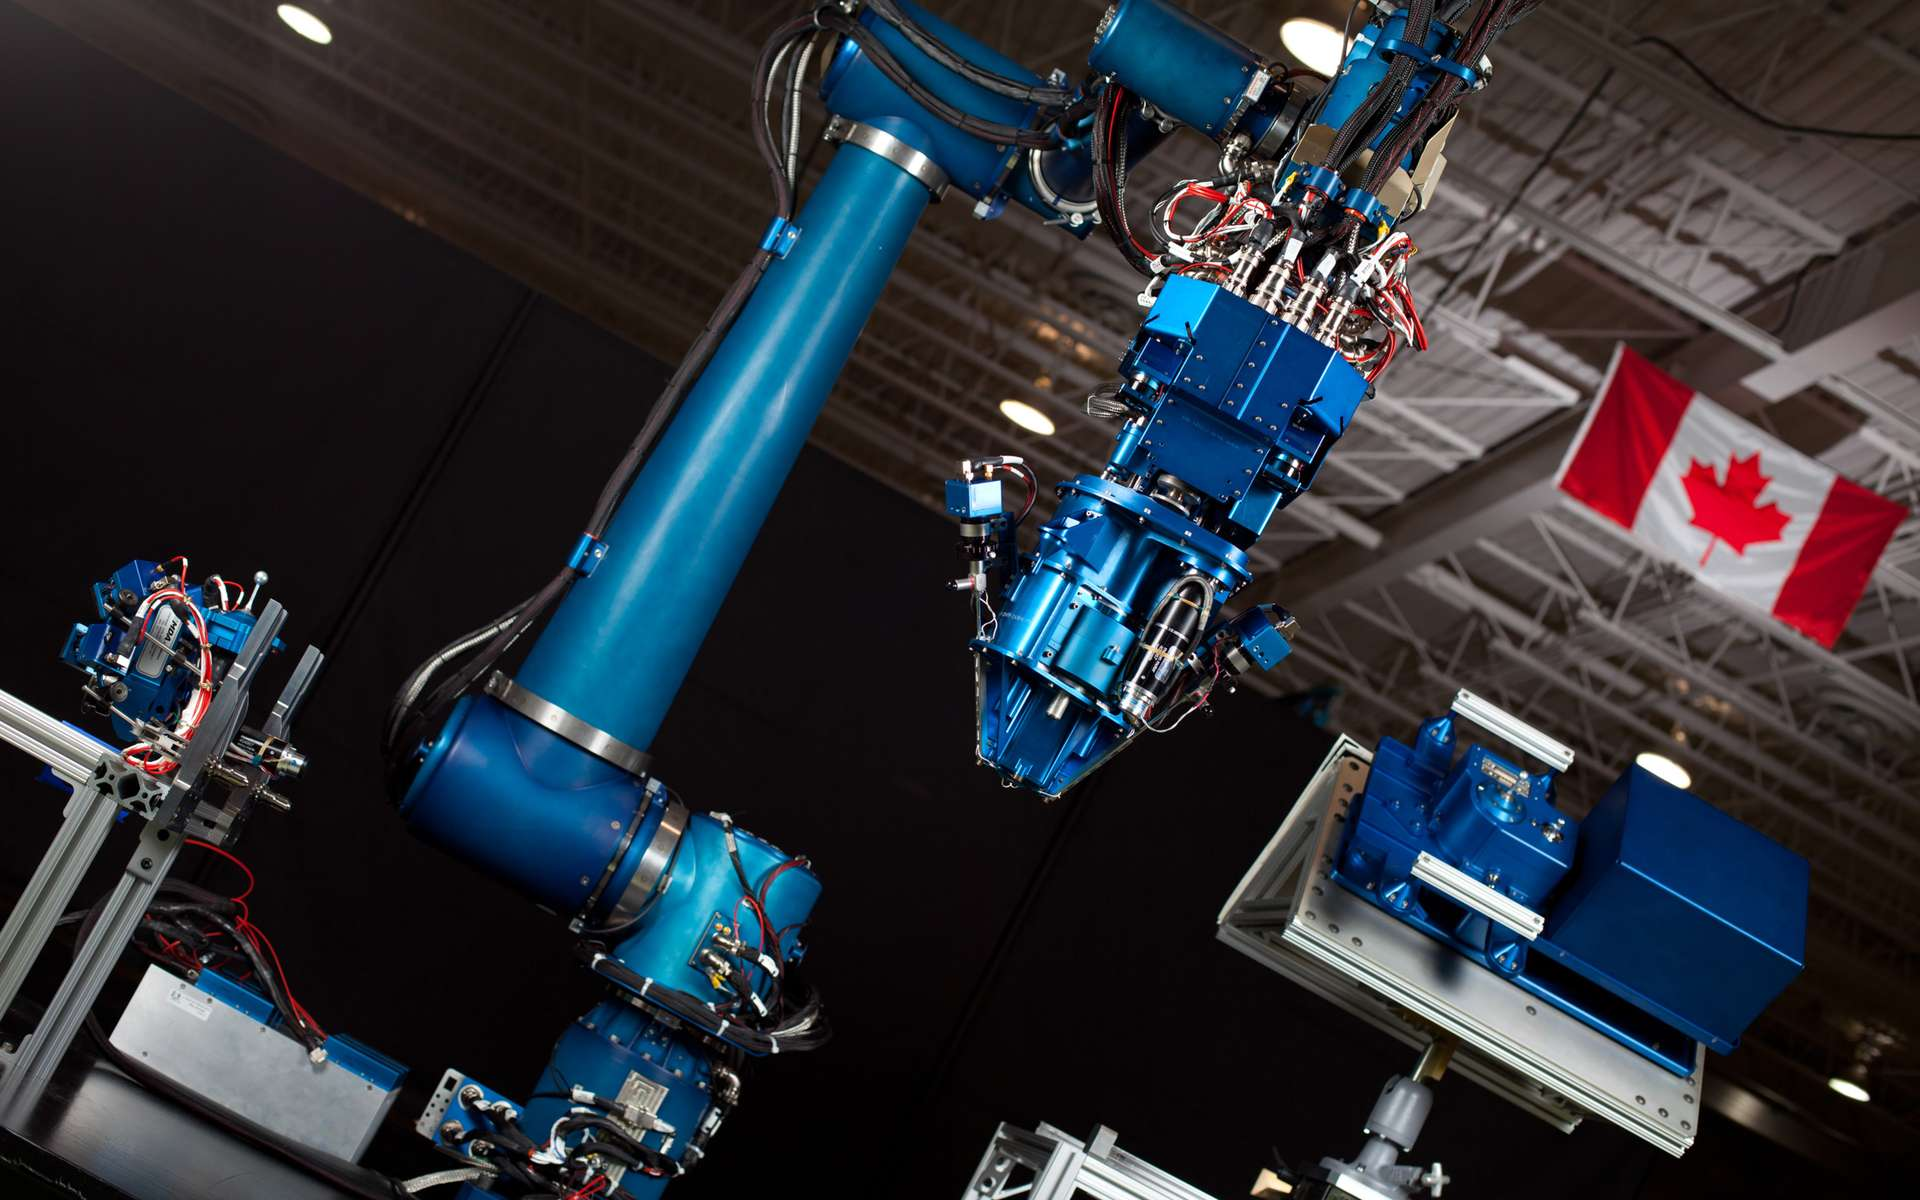 Prototype d'un bras robotique de 2,5 m d'une plus grande dextérité que Dextre, en service sur l'ISS. Il est conçu pour démontrer sa capacité à réparer et ravitailler des satellites en orbite ainsi que remplacer des pièces ou des composants défectueux. © Agence spatiale canadienne